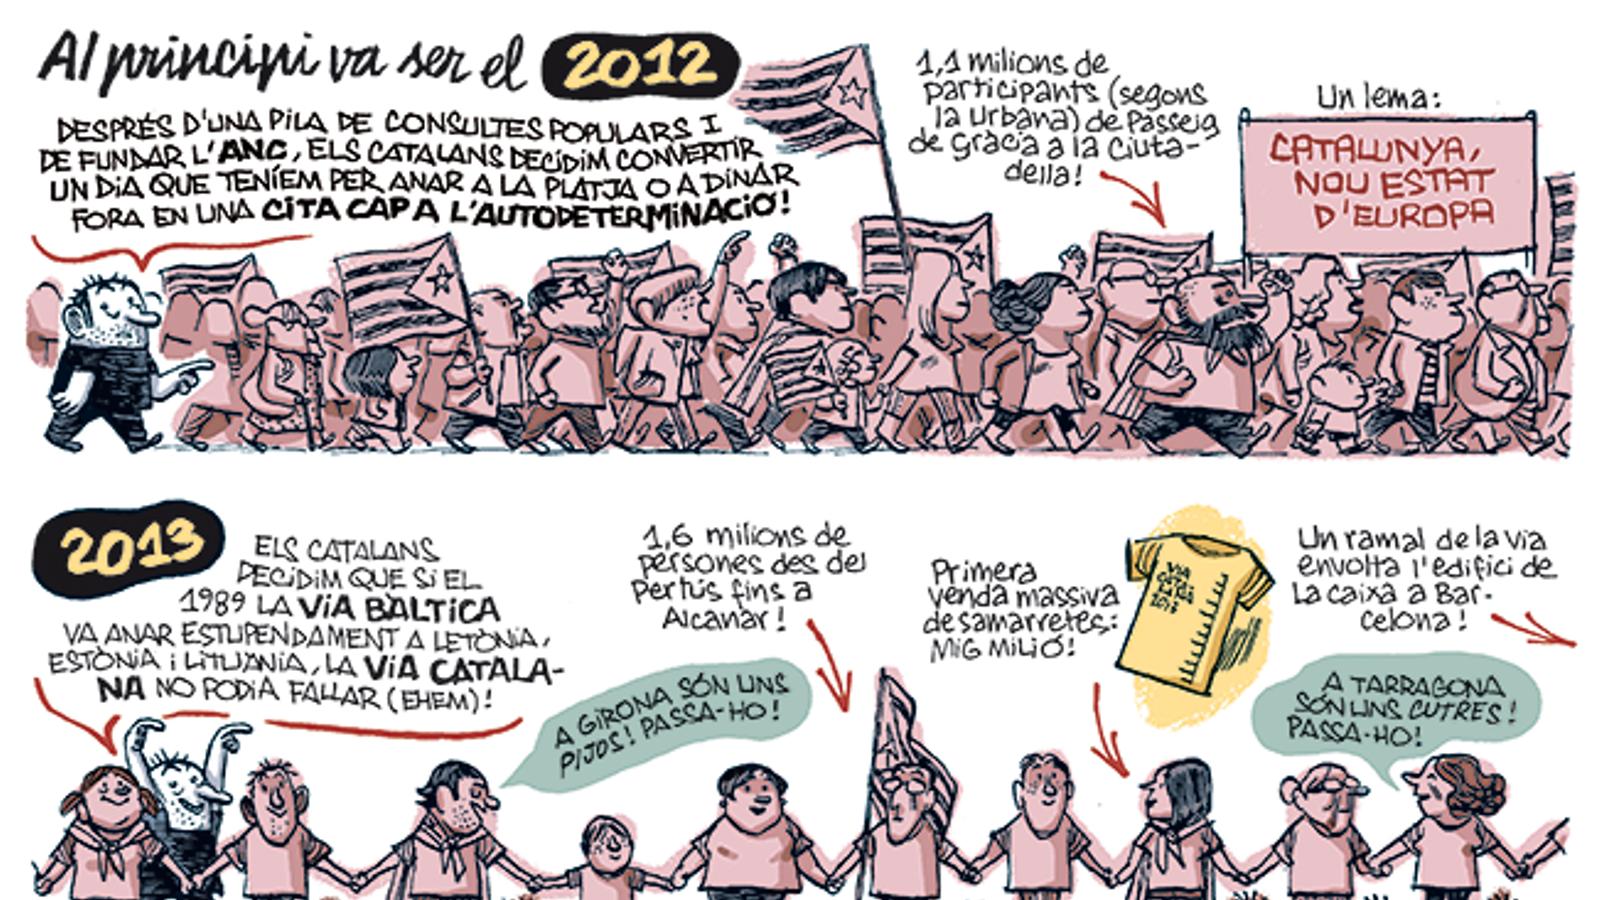 Les diades de Manel Fontdevila